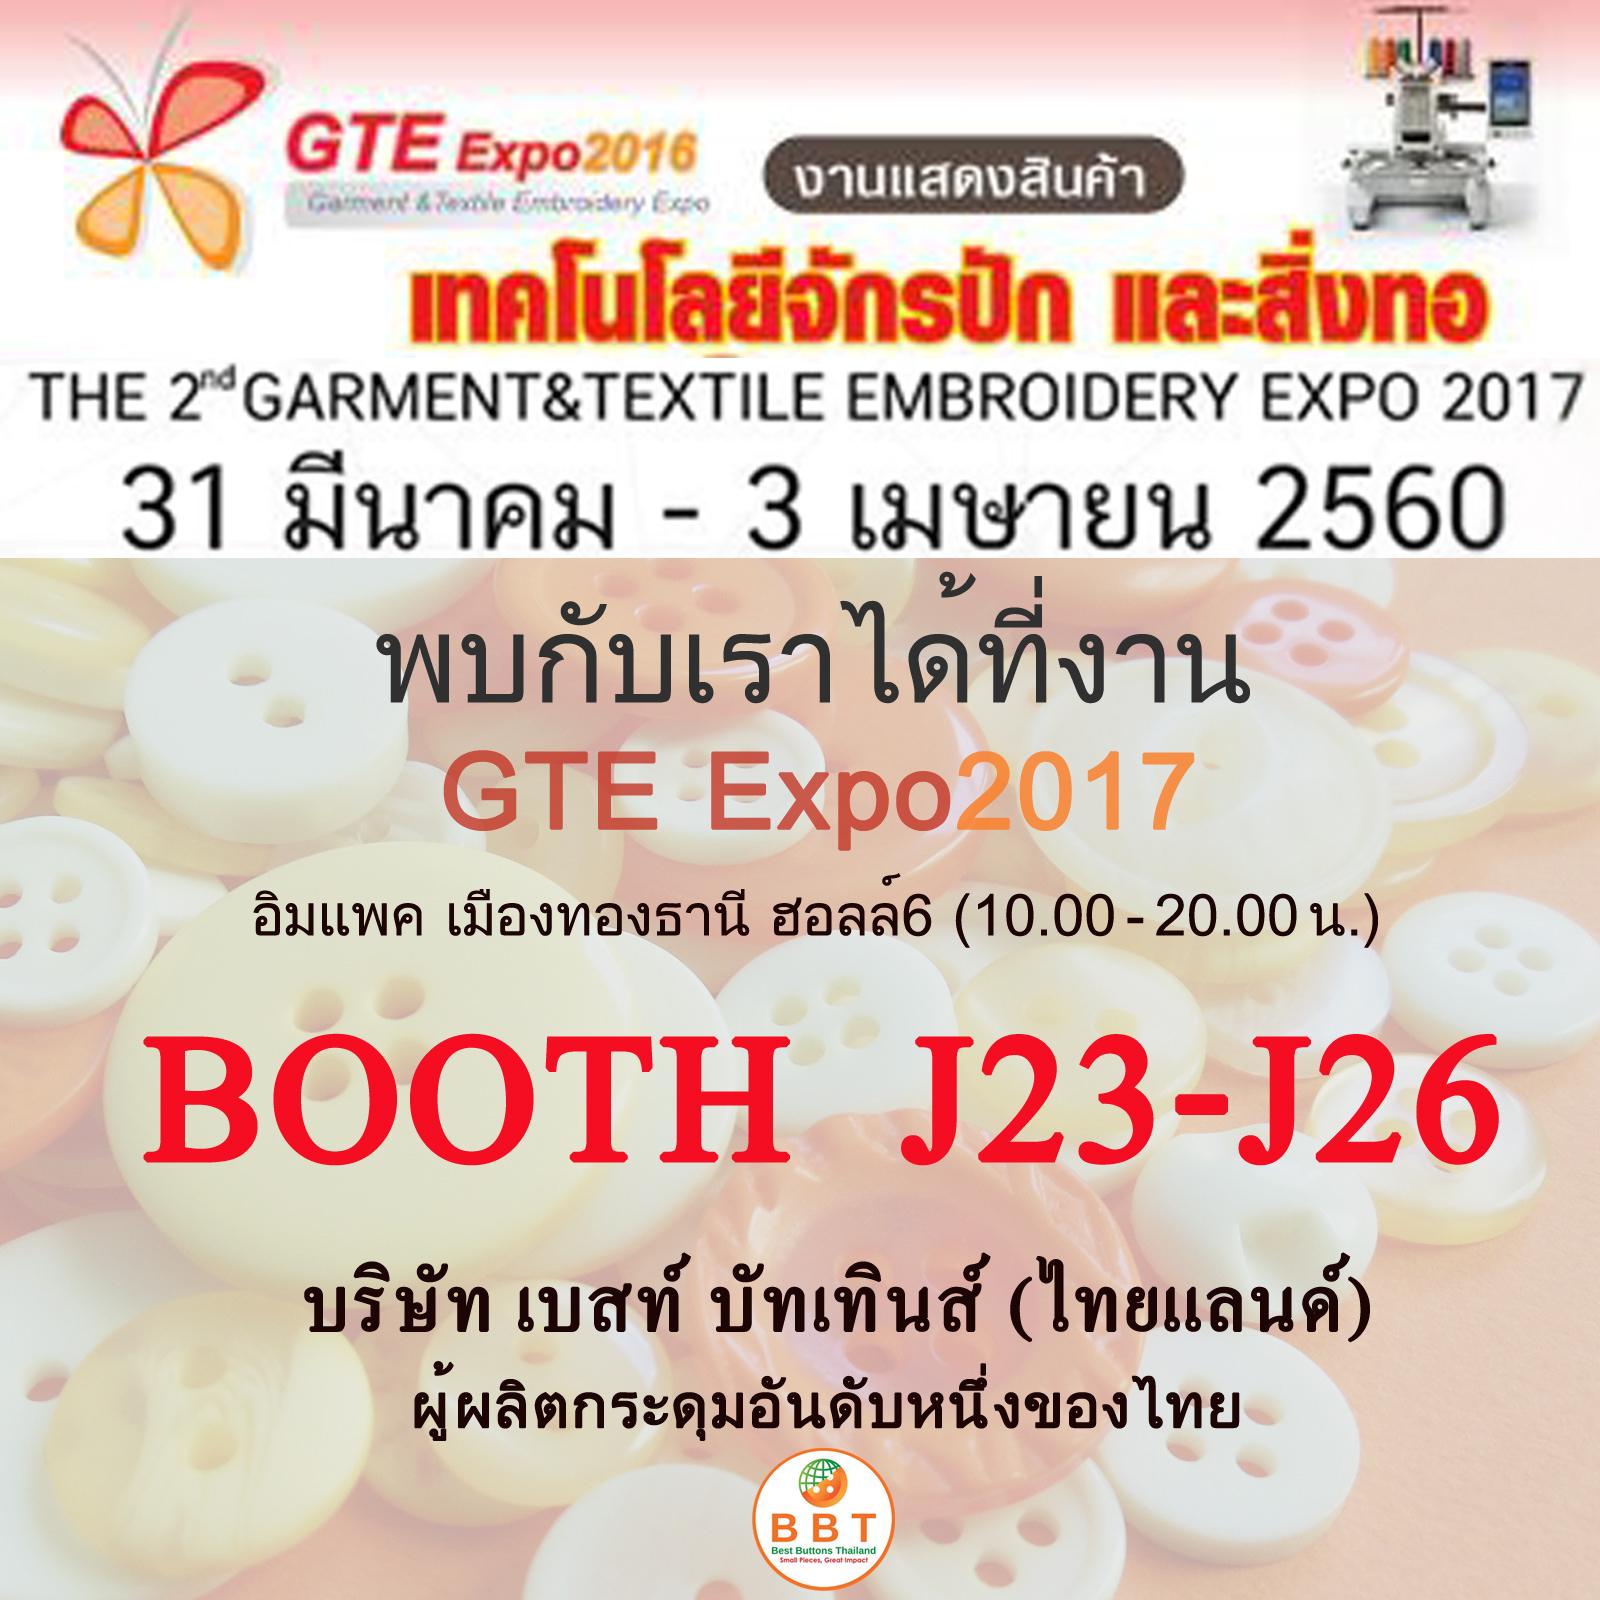 GTE Expo 2017 งานแสดงเทคโนโลยี จักรปัก อุตสาหกรรมสิ่งทอไทย